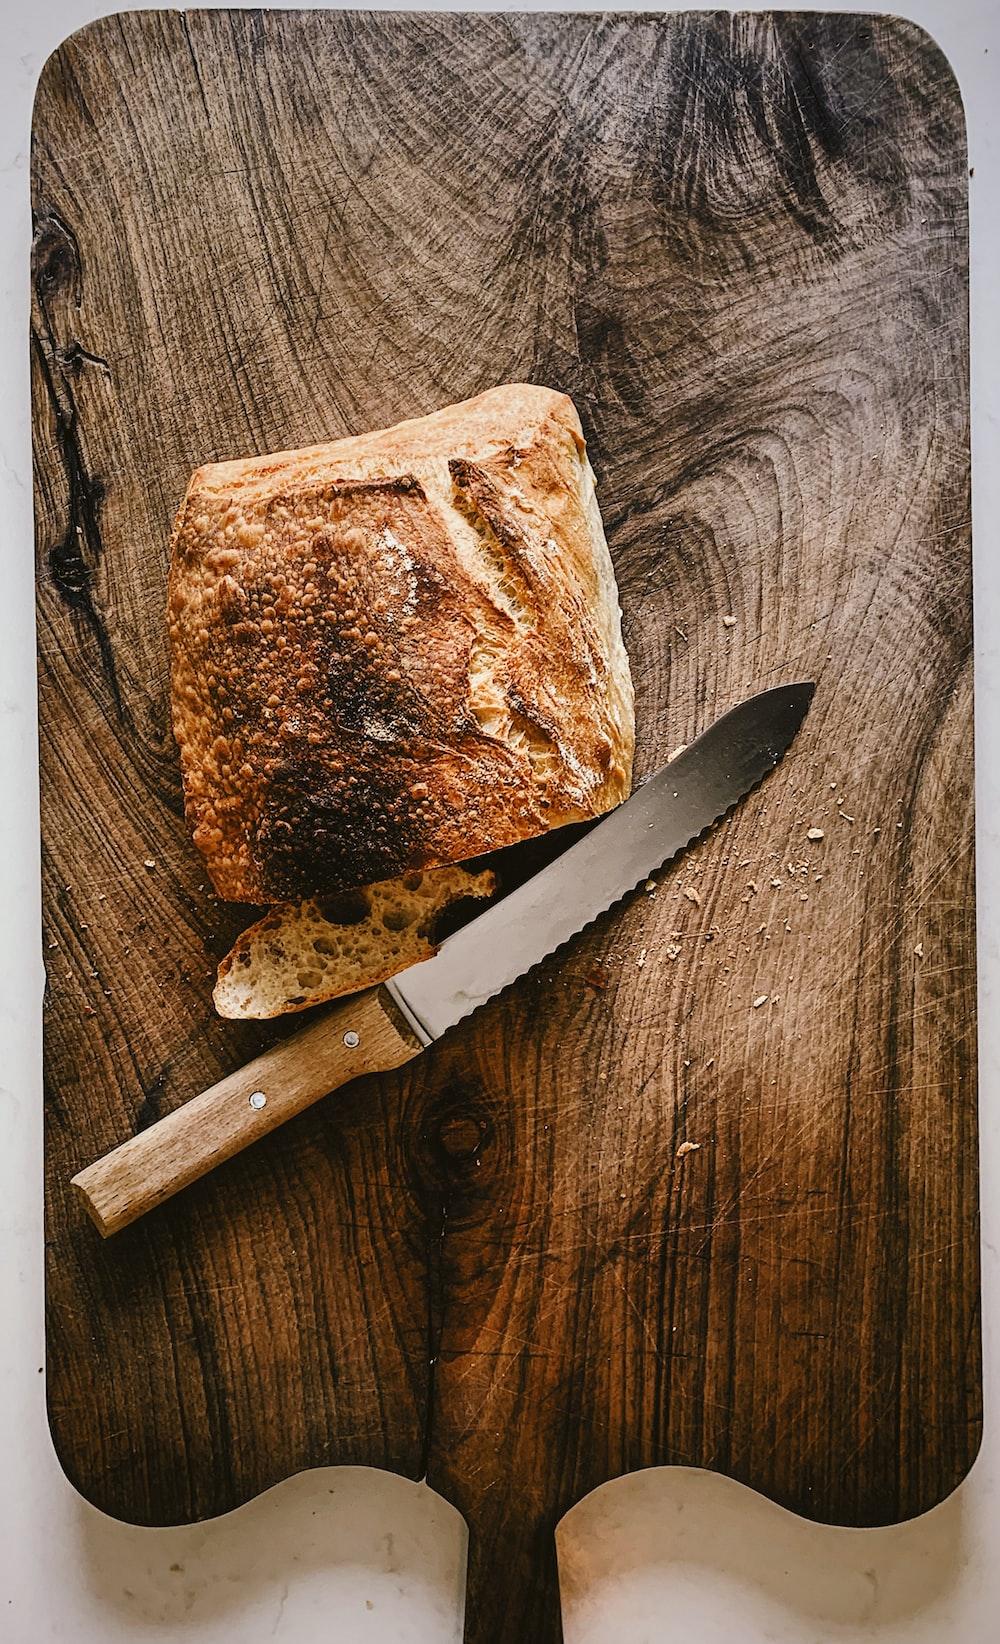 bread beside knife on chopping board